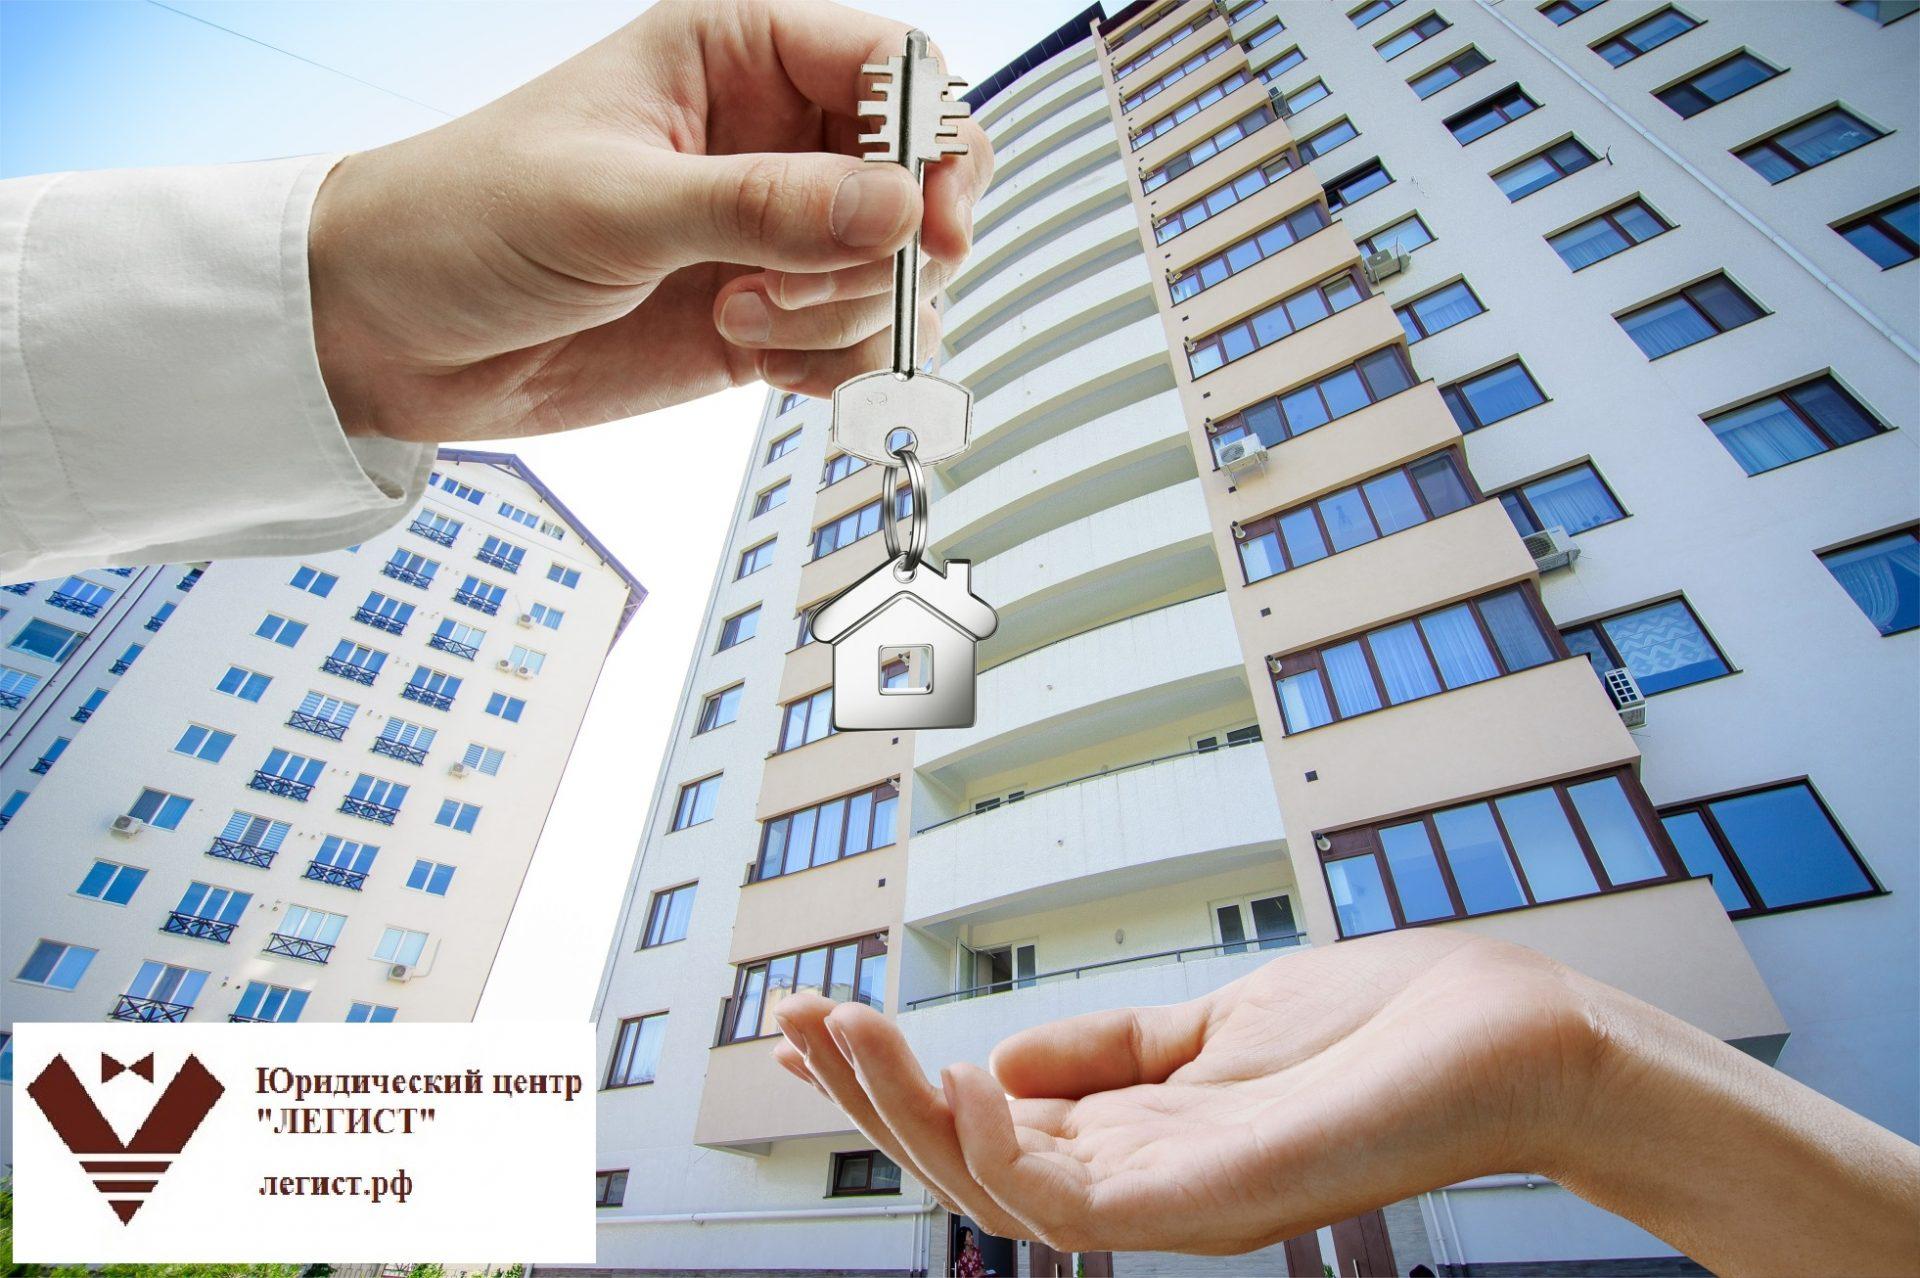 через сколько можно продать квартиру чтобы не платить налог